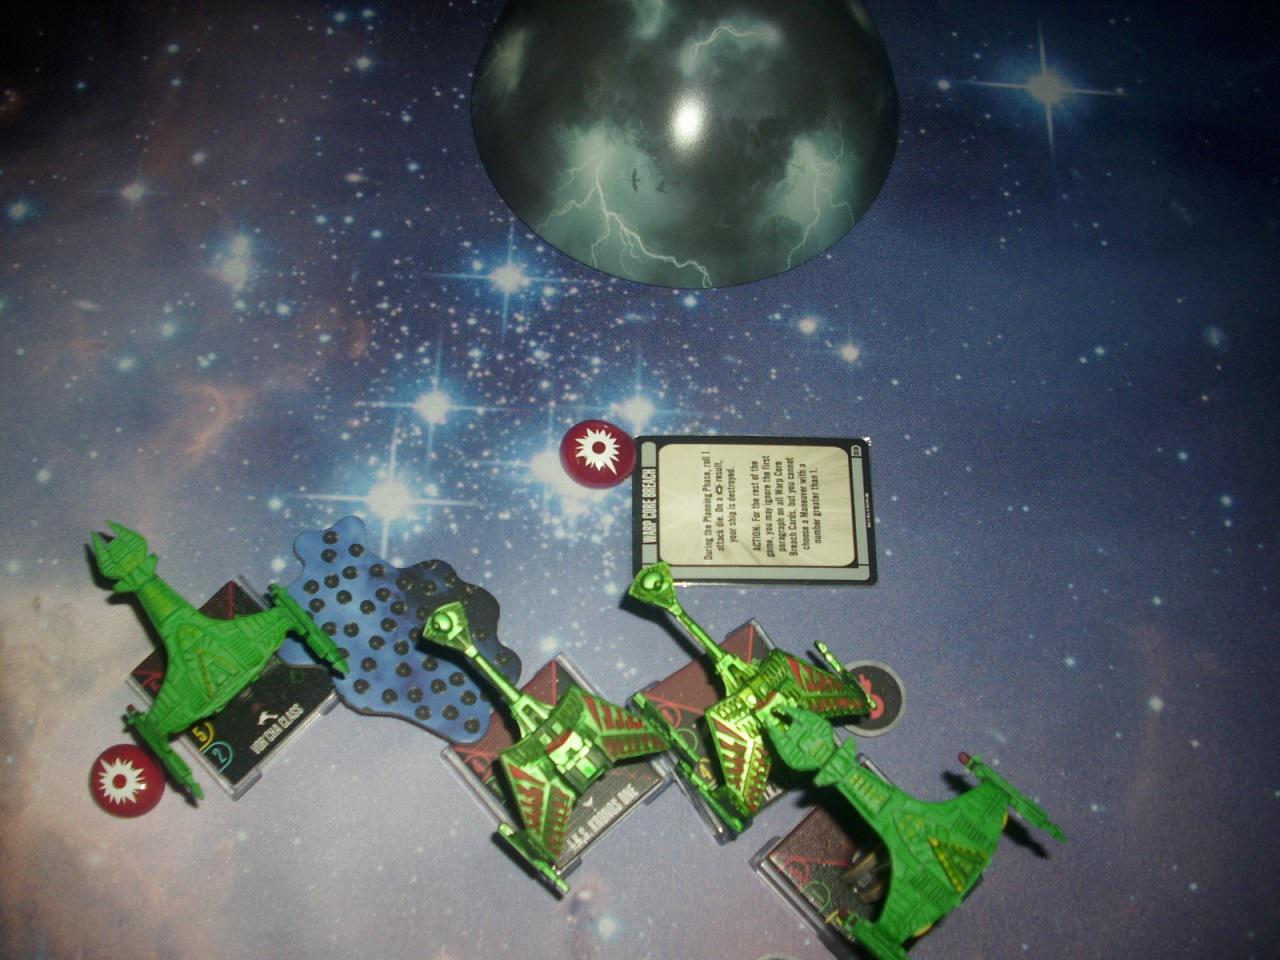 Organia ... Überfall der Föderation auf das klingonische Reich D75r8h364xg9i2uei